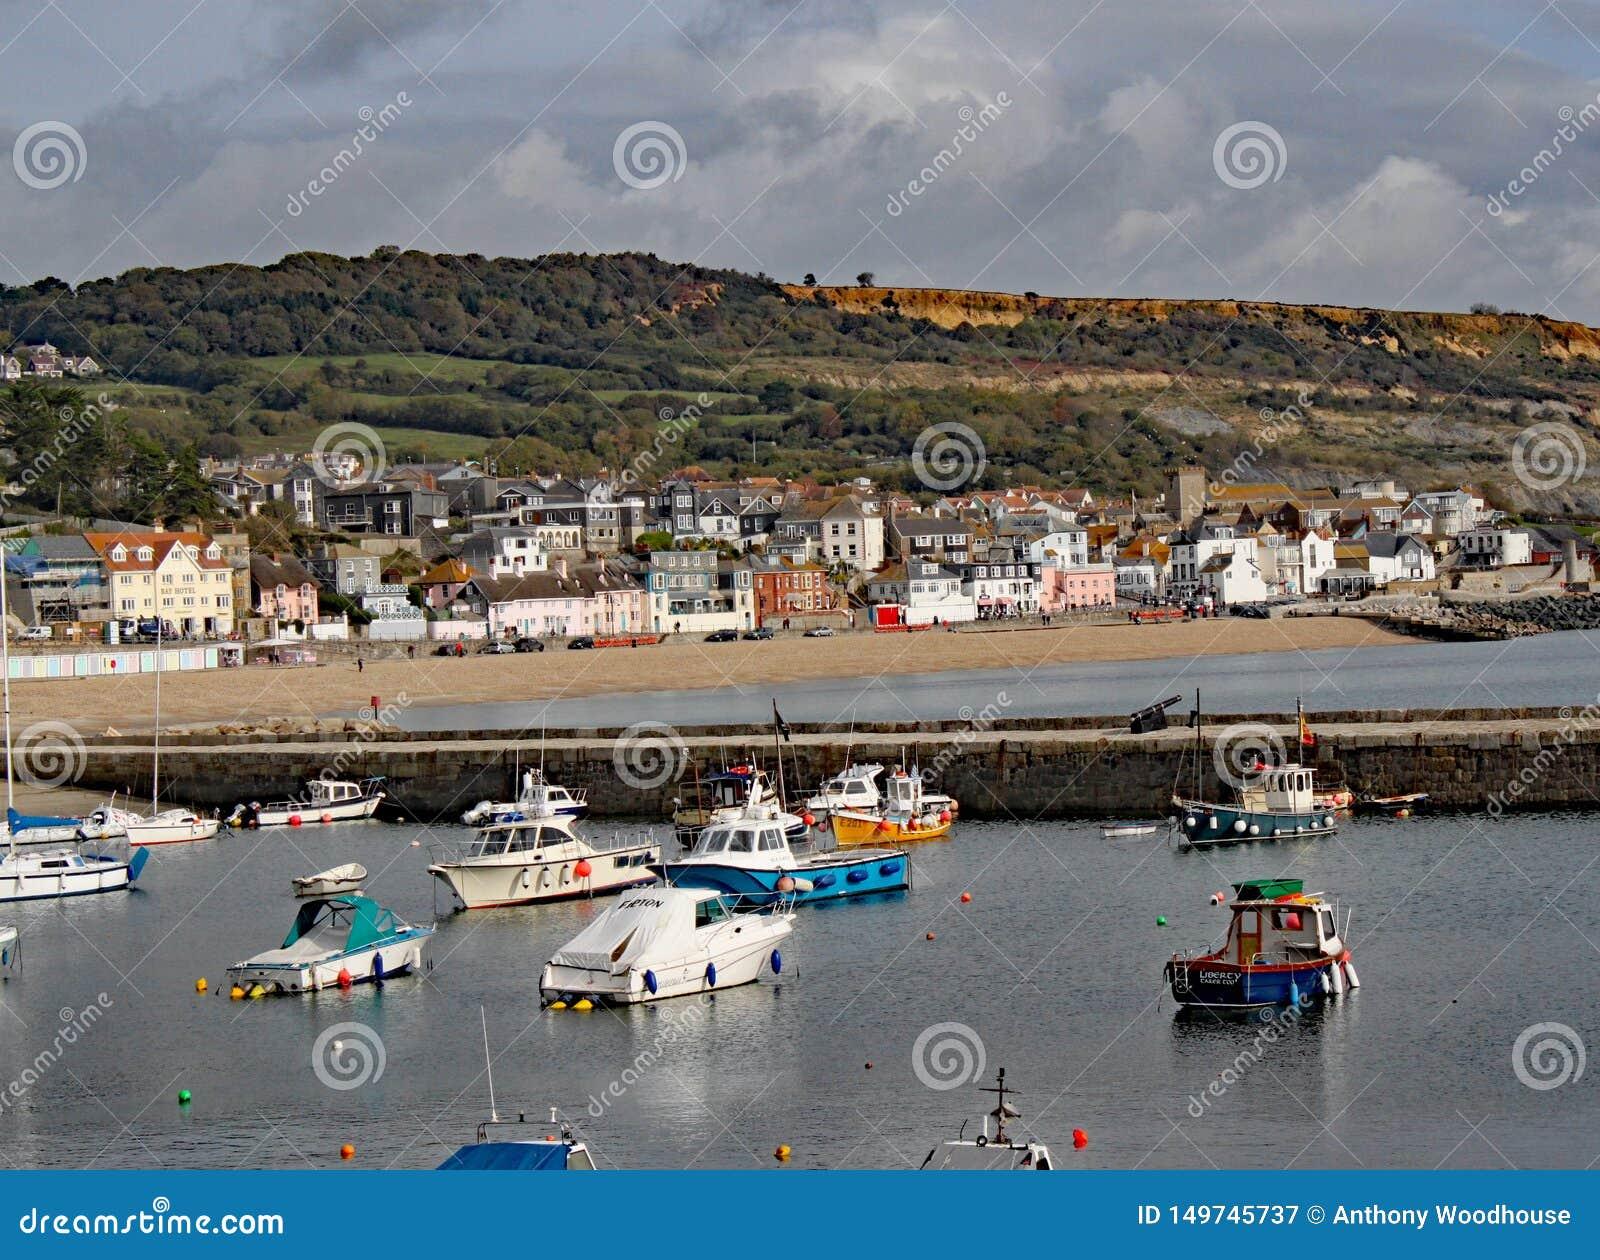 Βάρκες στο λιμάνι σε Lyme REGIS στο Dorset, Αγγλία